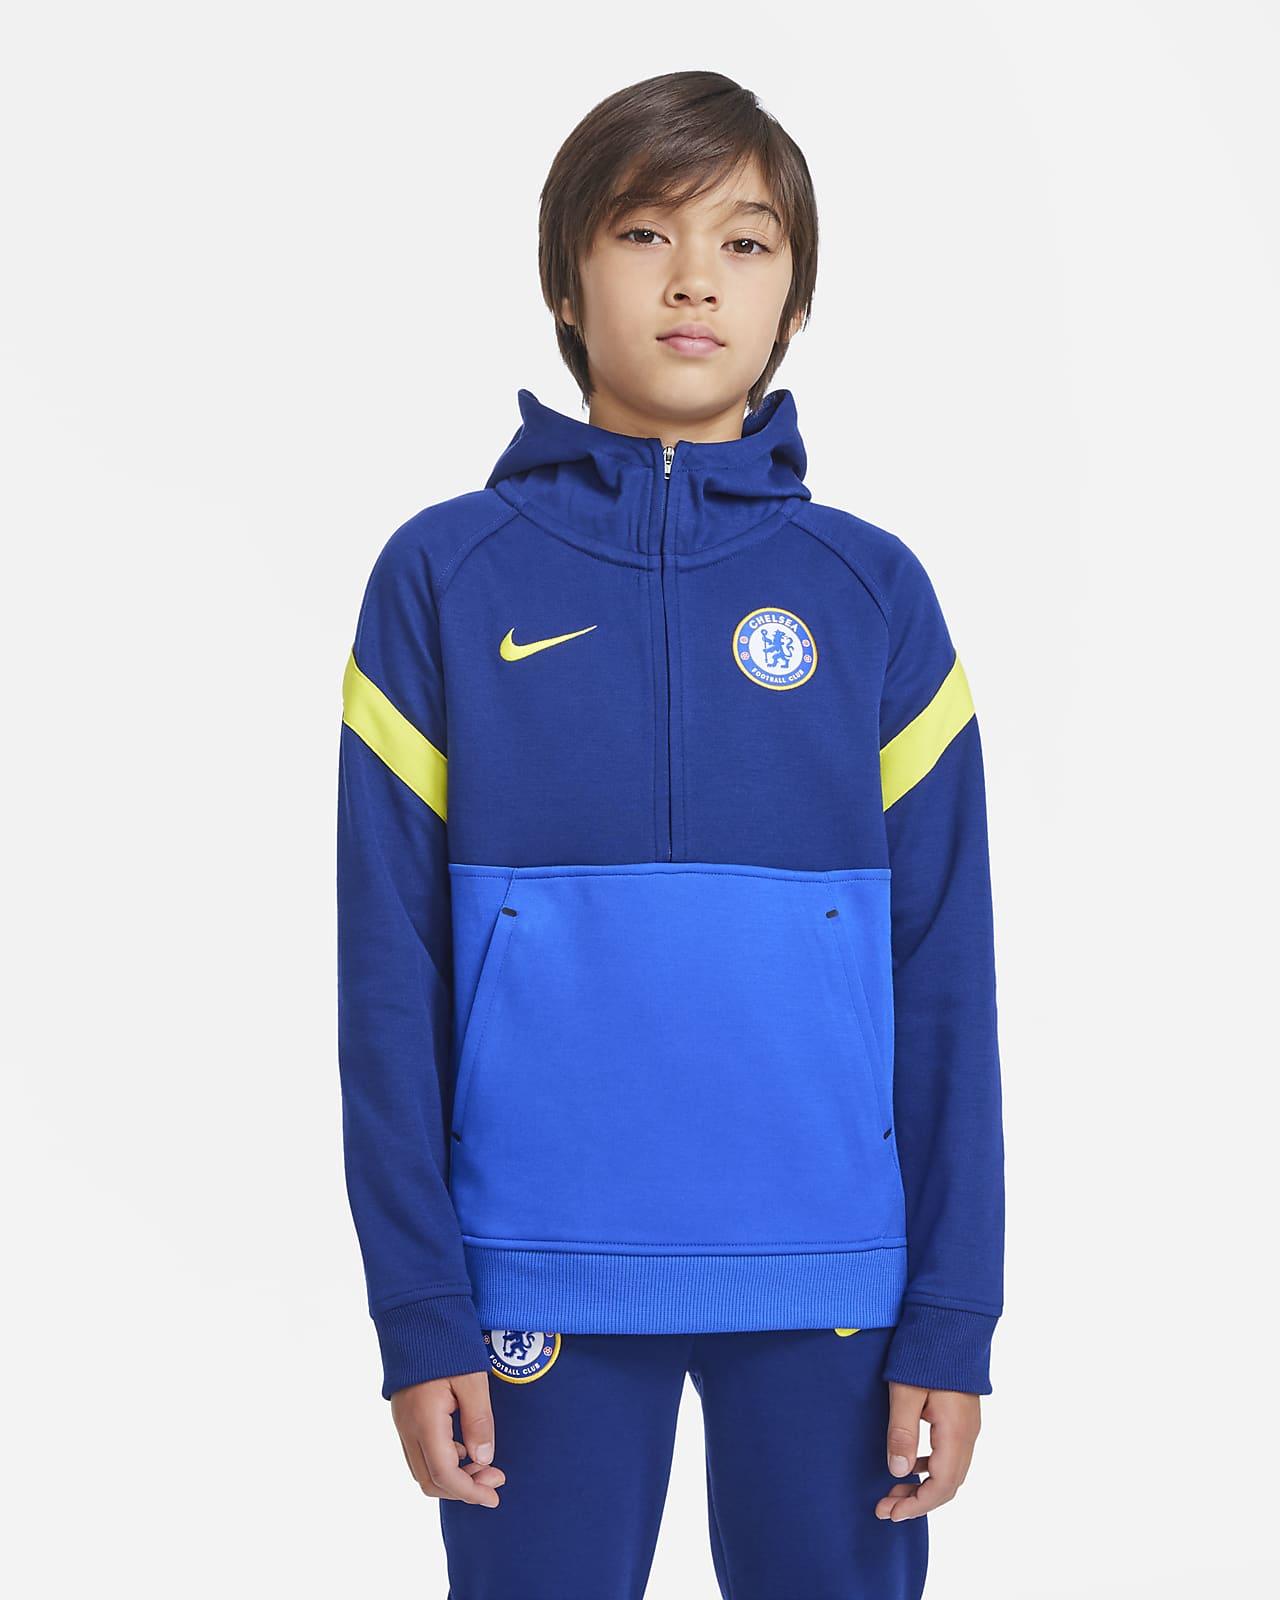 Chelsea F.C. Older Kids' Nike Dri-FIT Football Hoodie